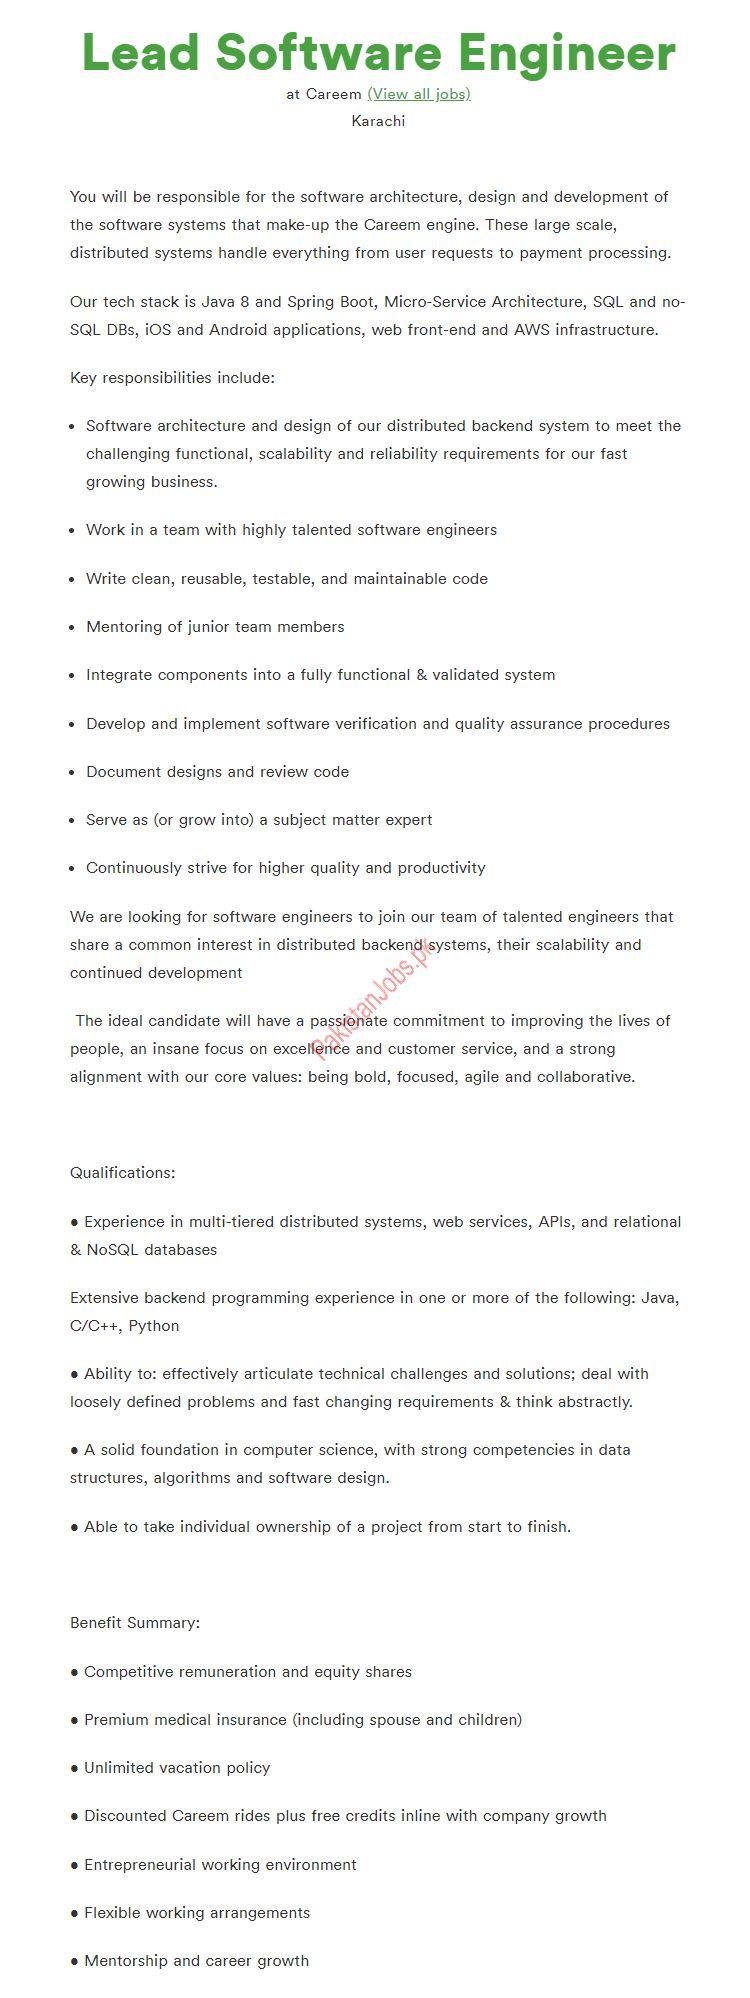 Lead Software Engineer Job in Karachi 2019 Careem Taxi Company Jobs